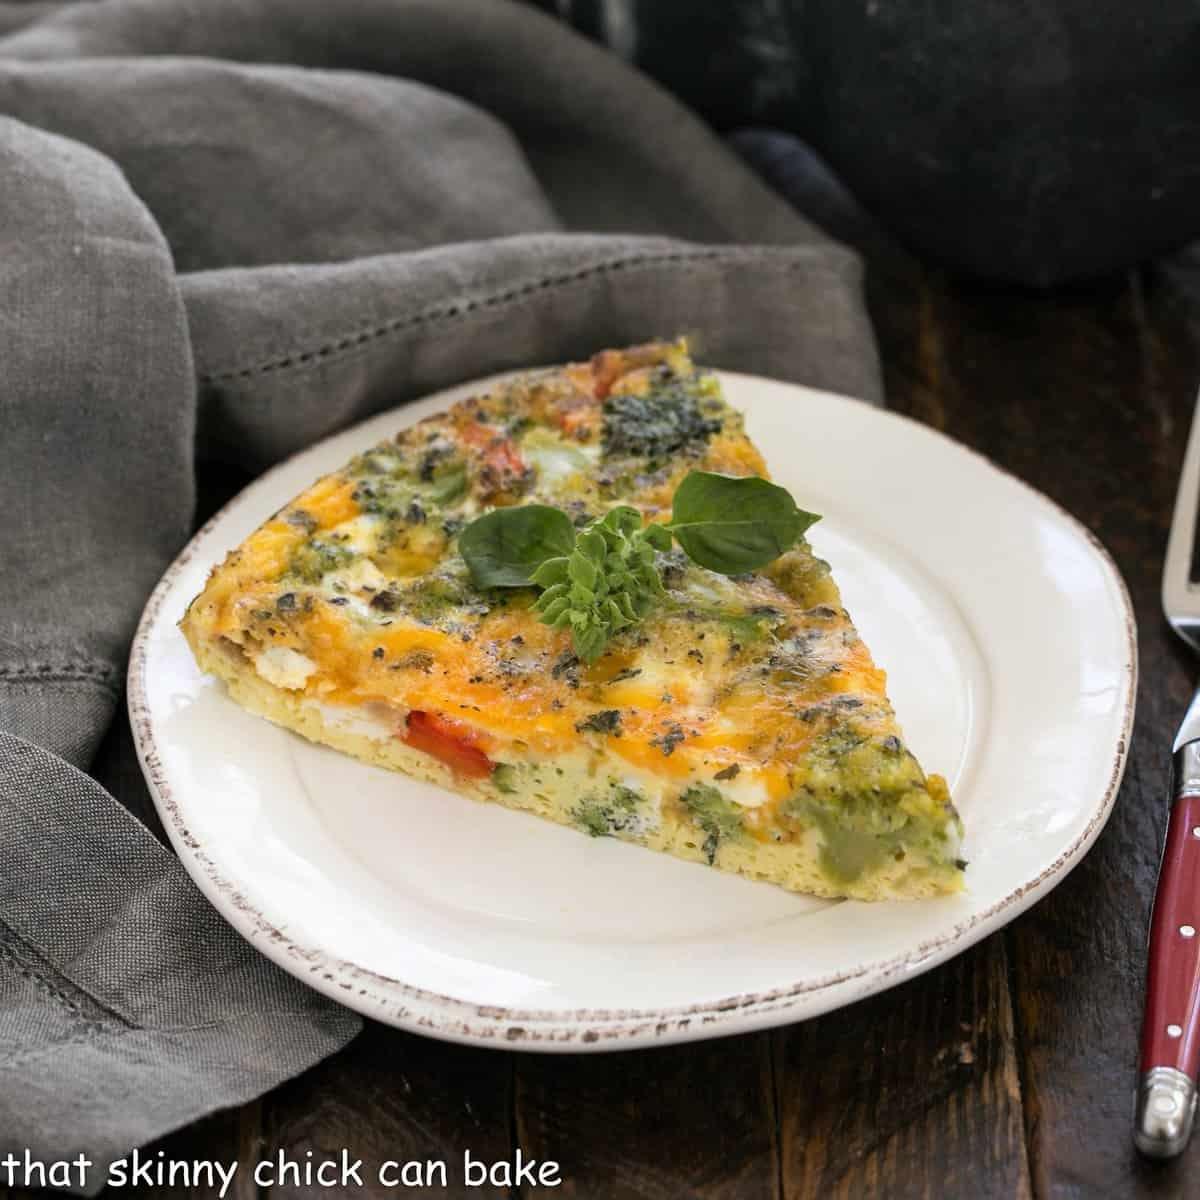 The Recipe Roasted Broccoli Frittata